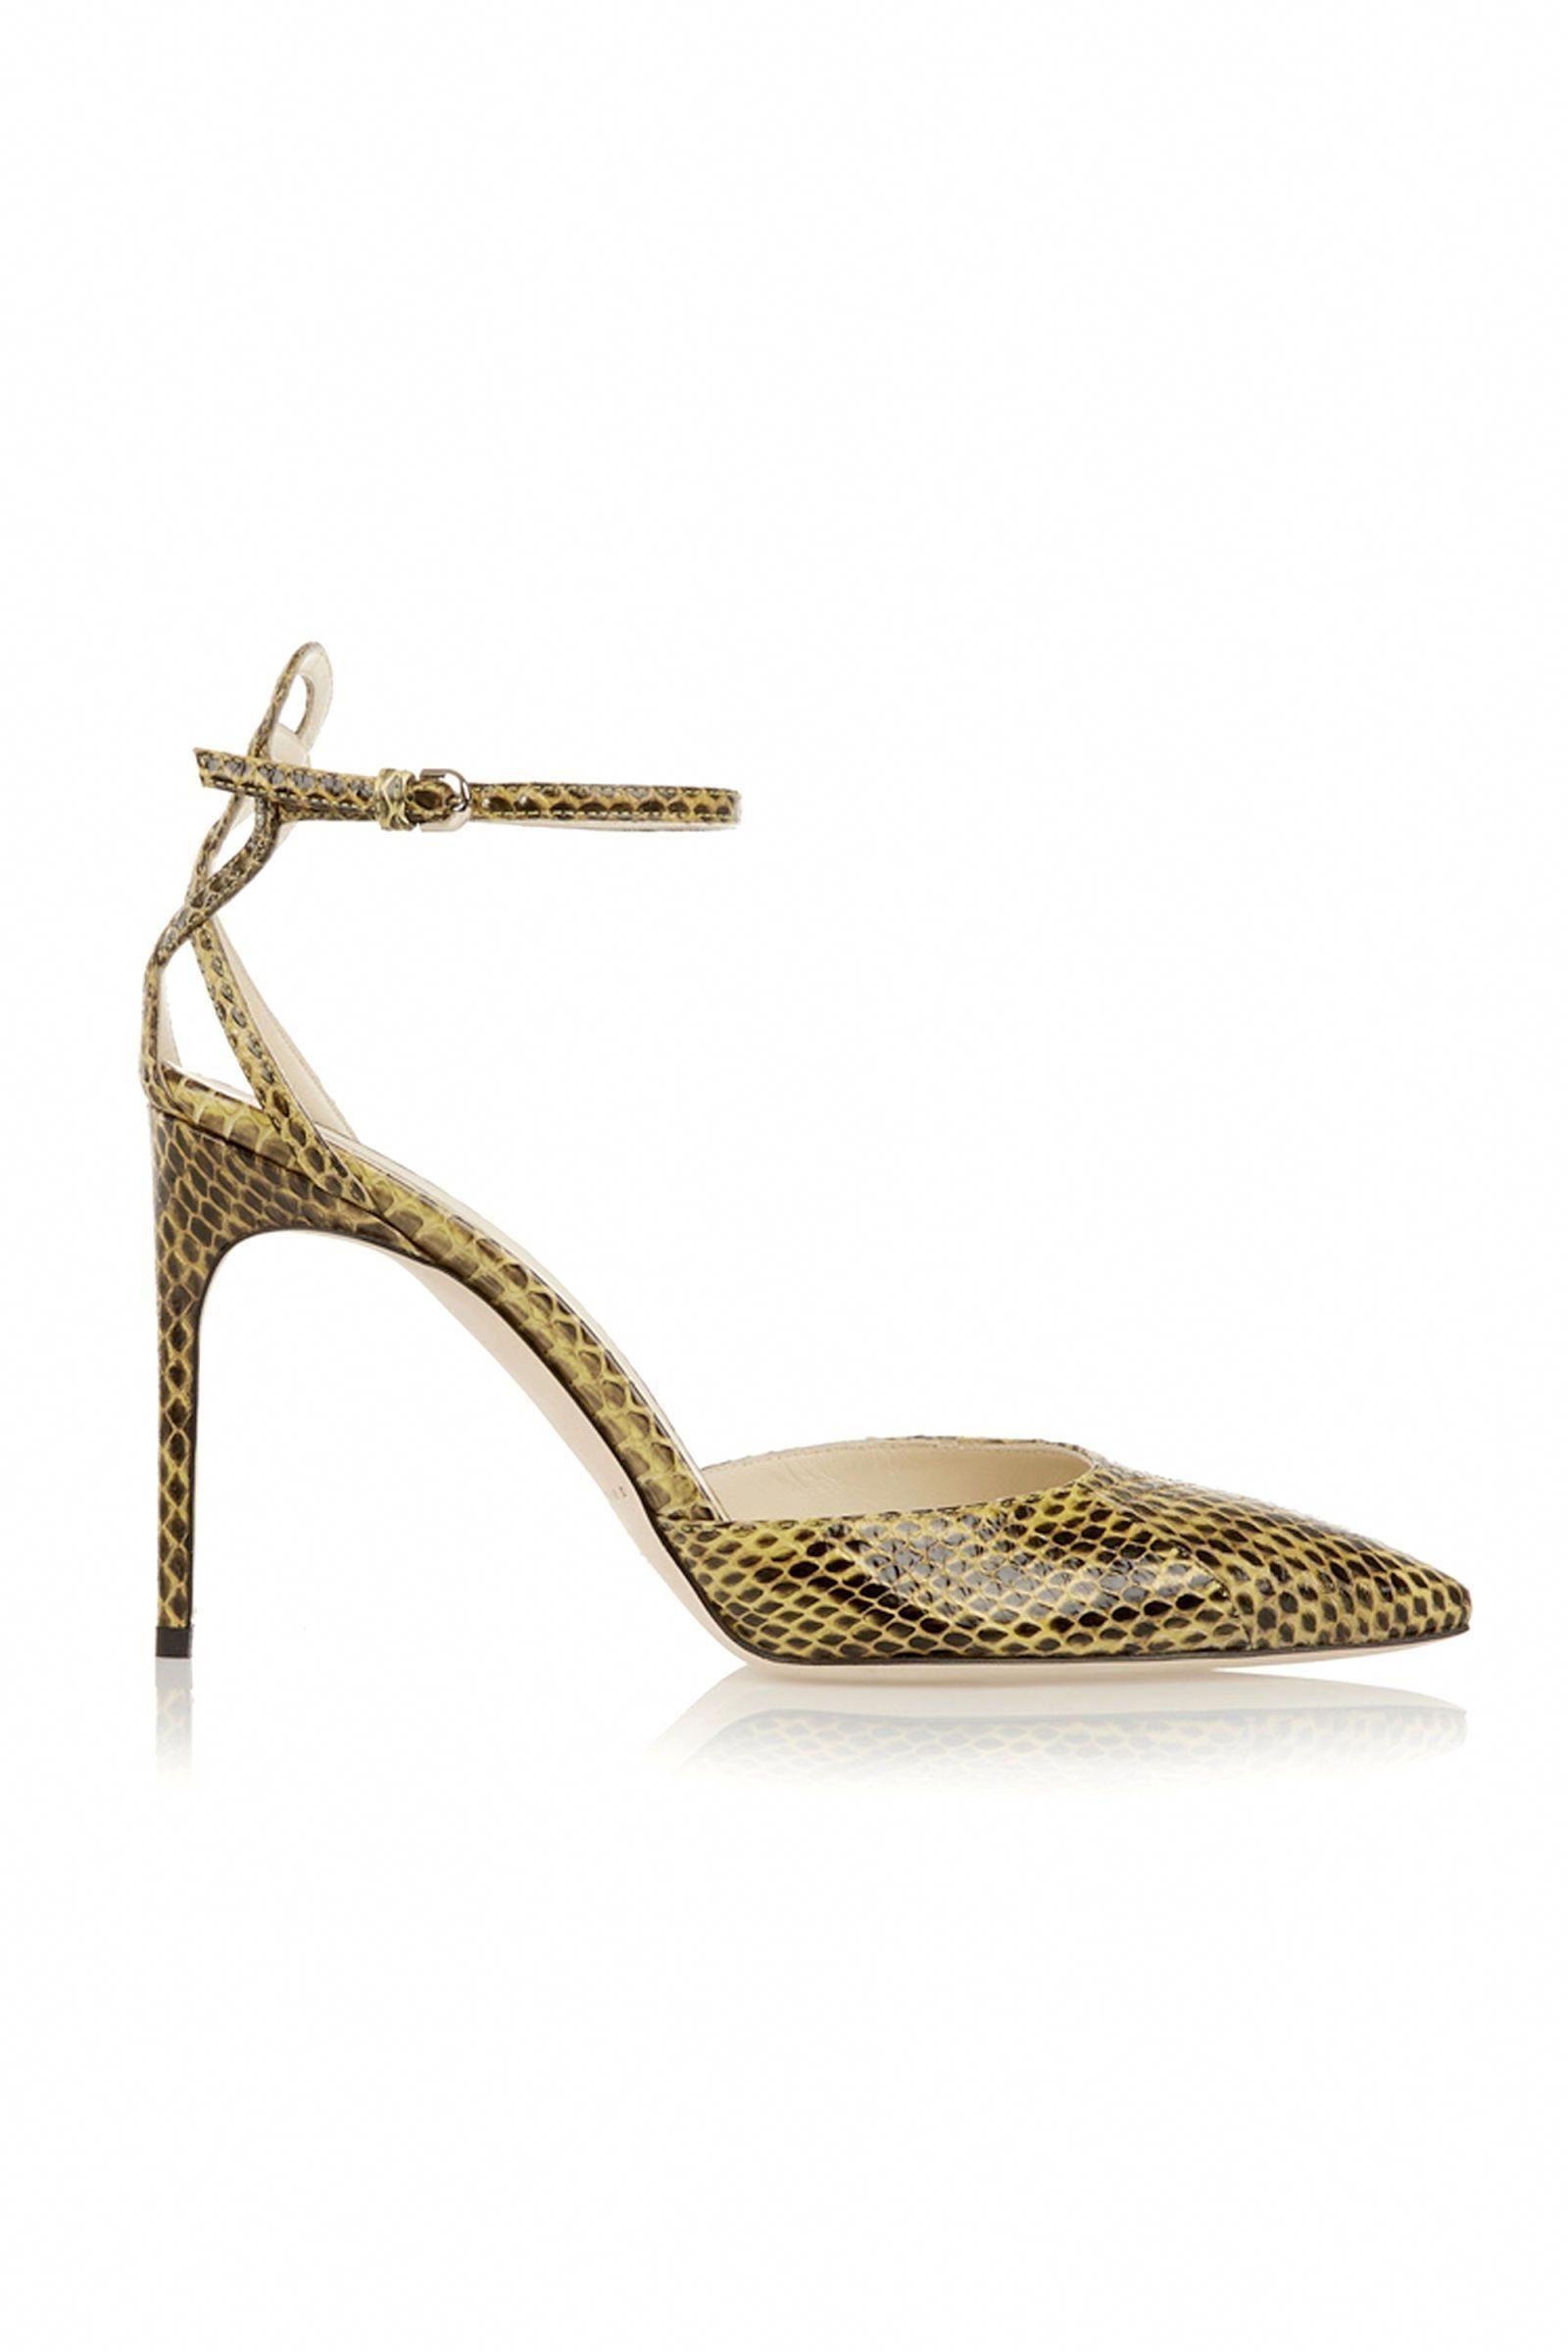 e4e7e342af Brian Atwood Celeste Elaphe Pumps: After a few trials with too-high heels,